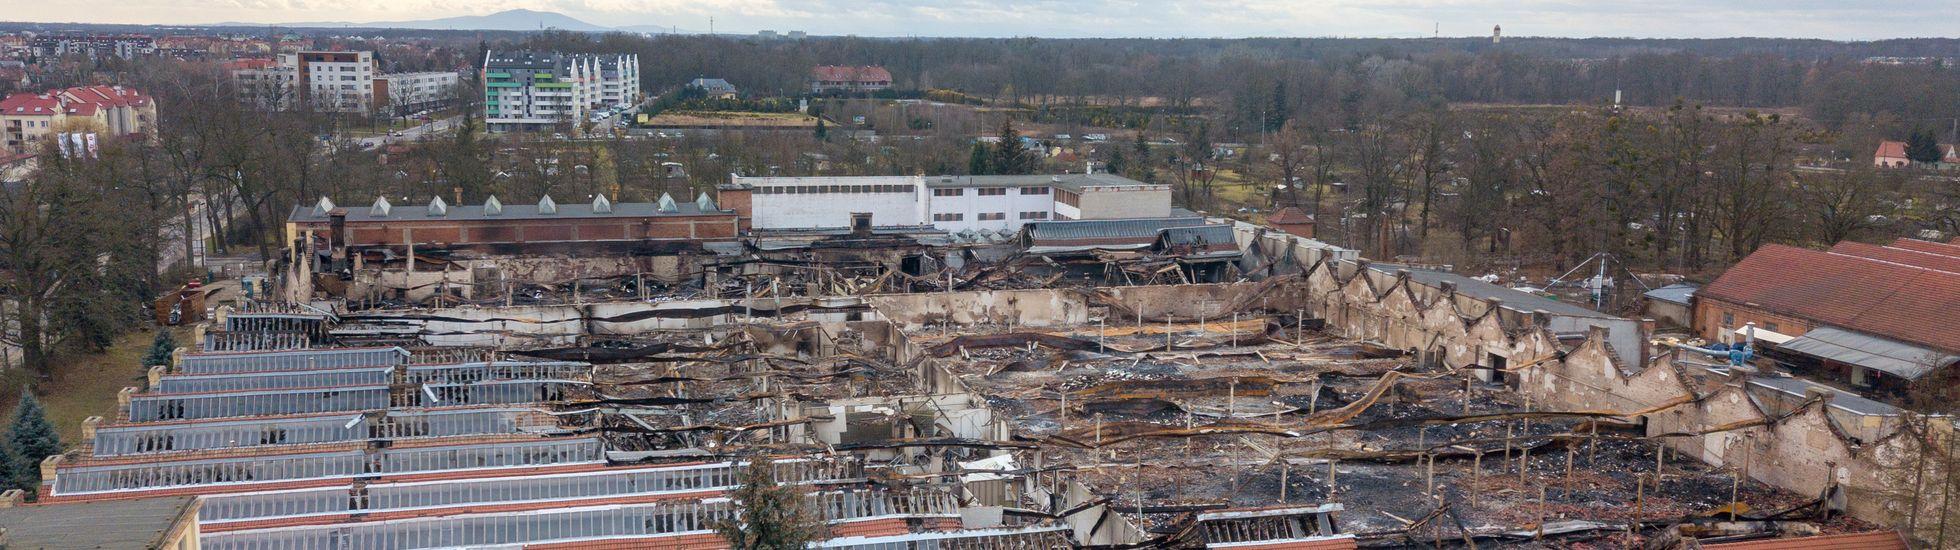 Wrocław: Budowa Centrum Stabłowicka staje pod znakiem zapytania. Wszystko przez pożar zabytkowej hali